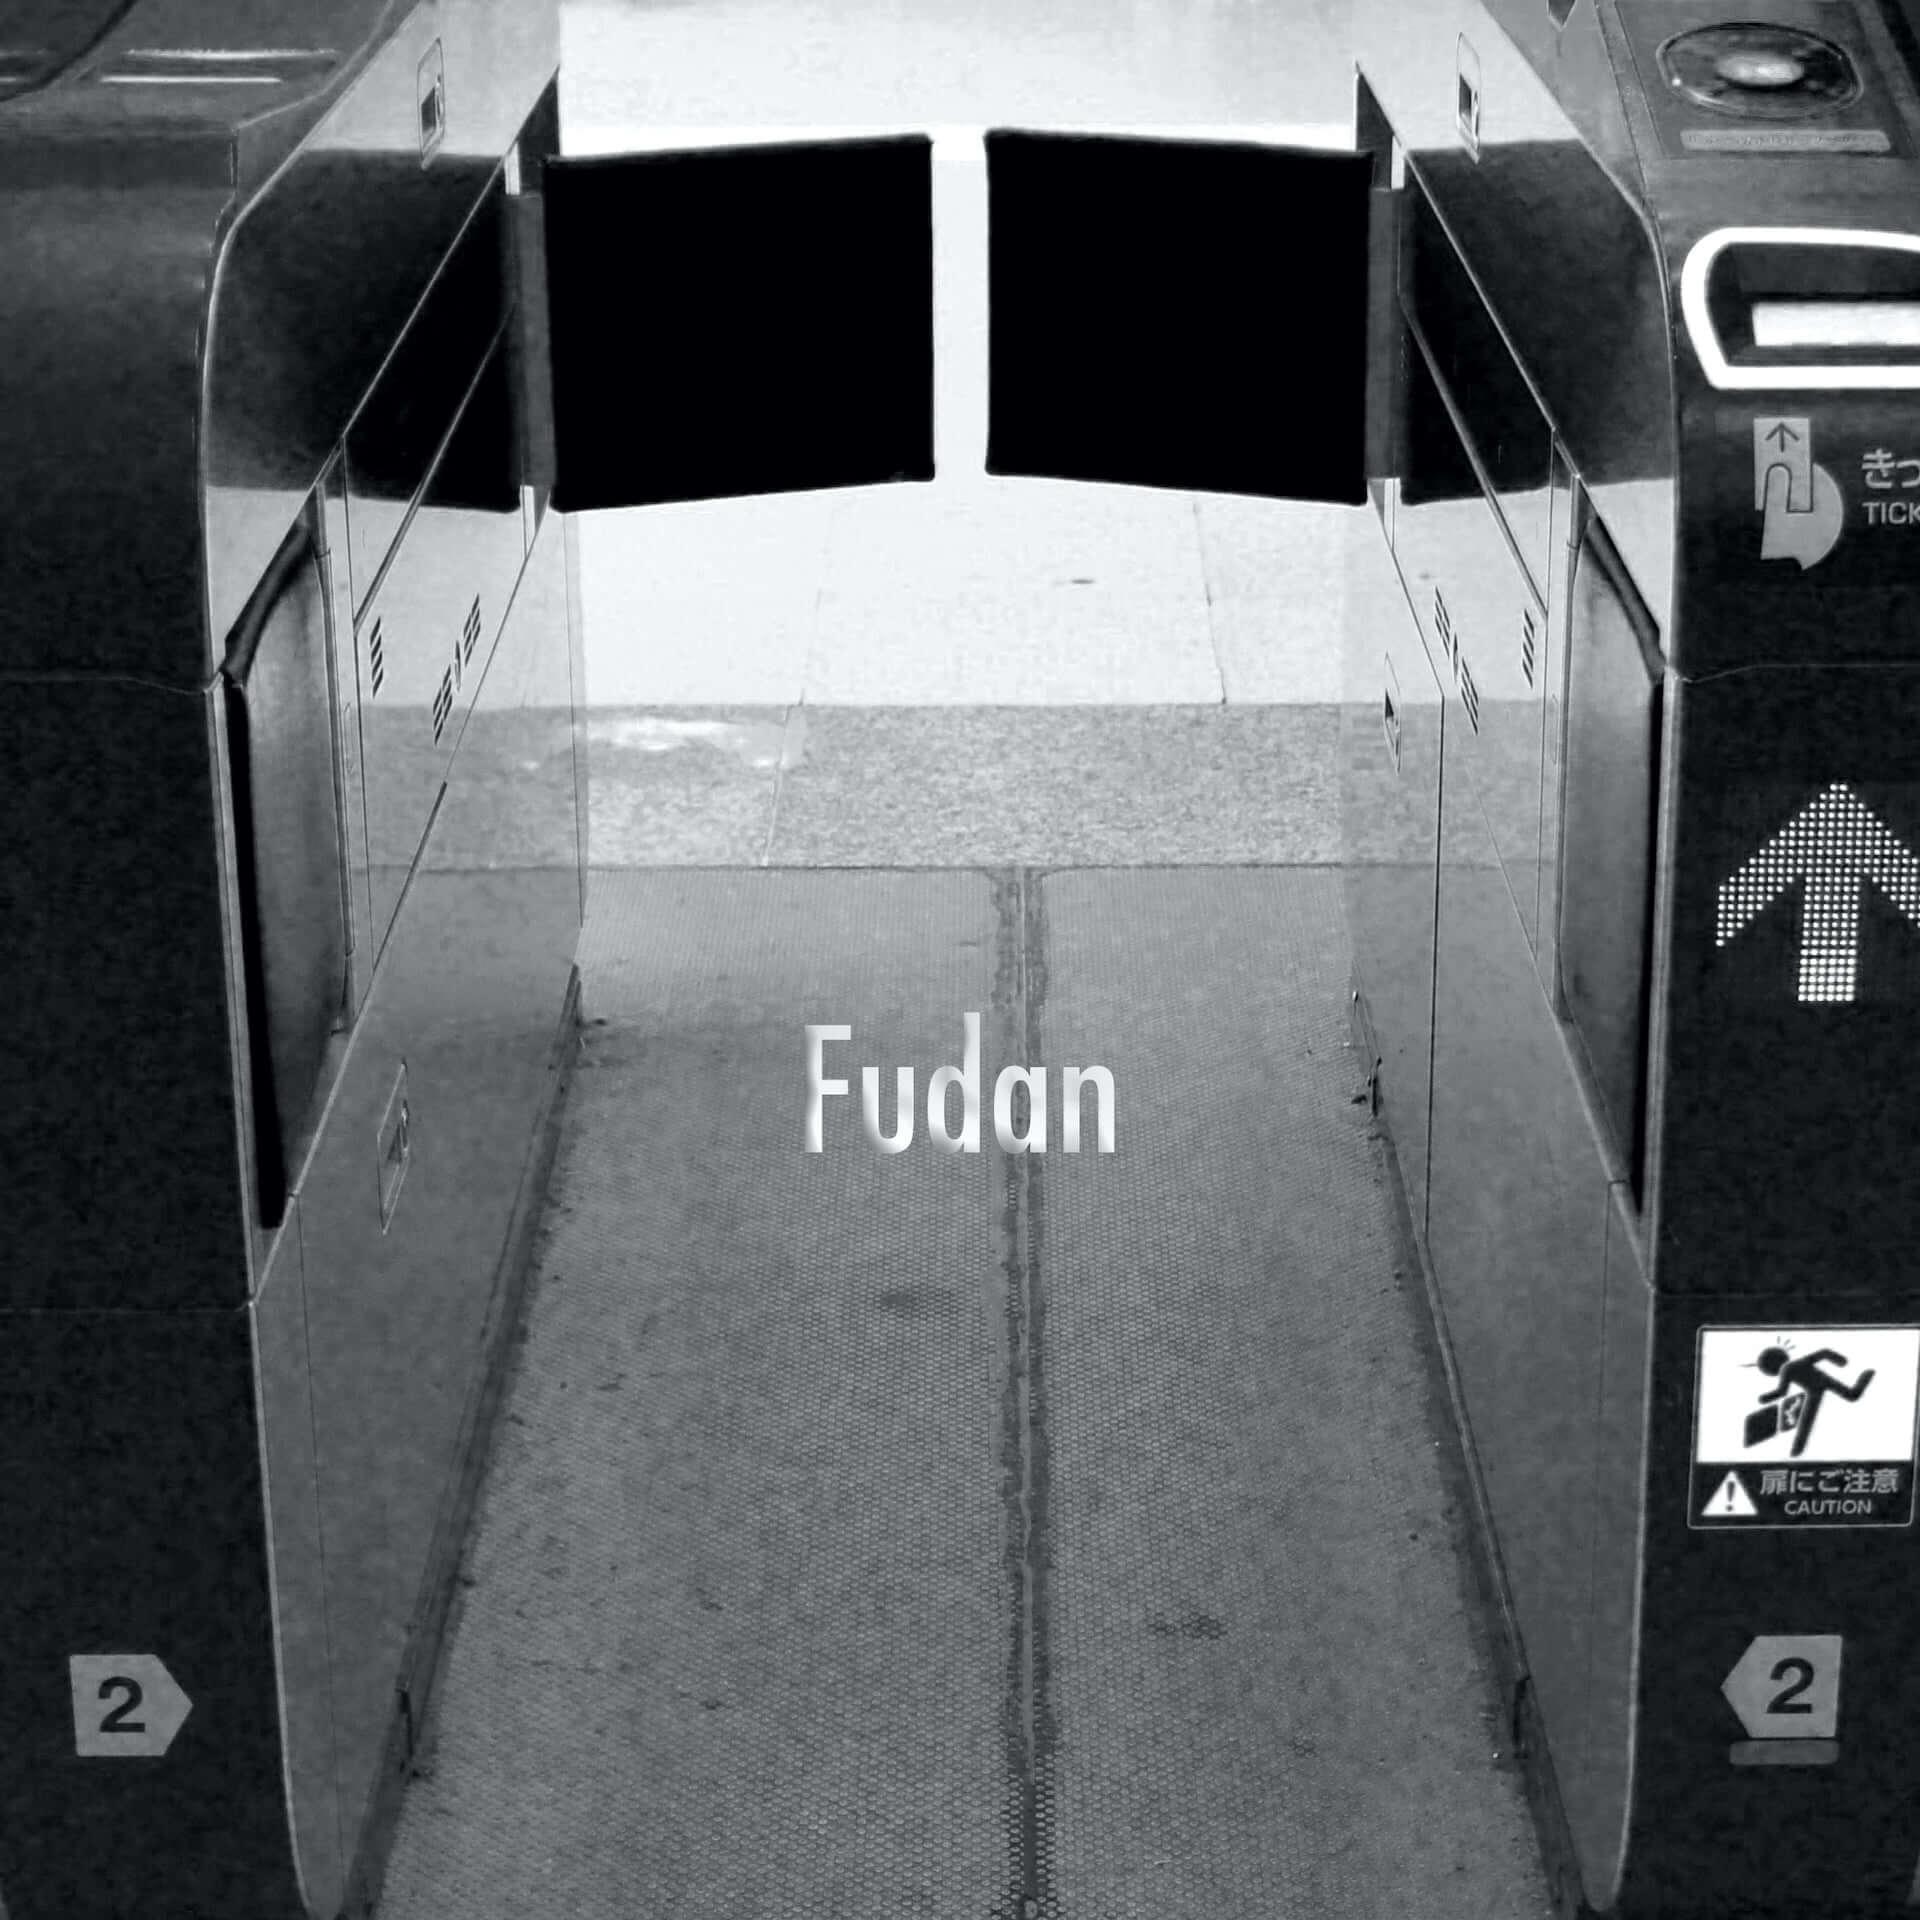 """珠 鈴が、「新しい日常」を歌った新曲""""Fudan""""とMV、最新ビジュアルを同時公開!記念のIGライブは今夜開催 music200619_uchida_shuri_1-1920x1920"""